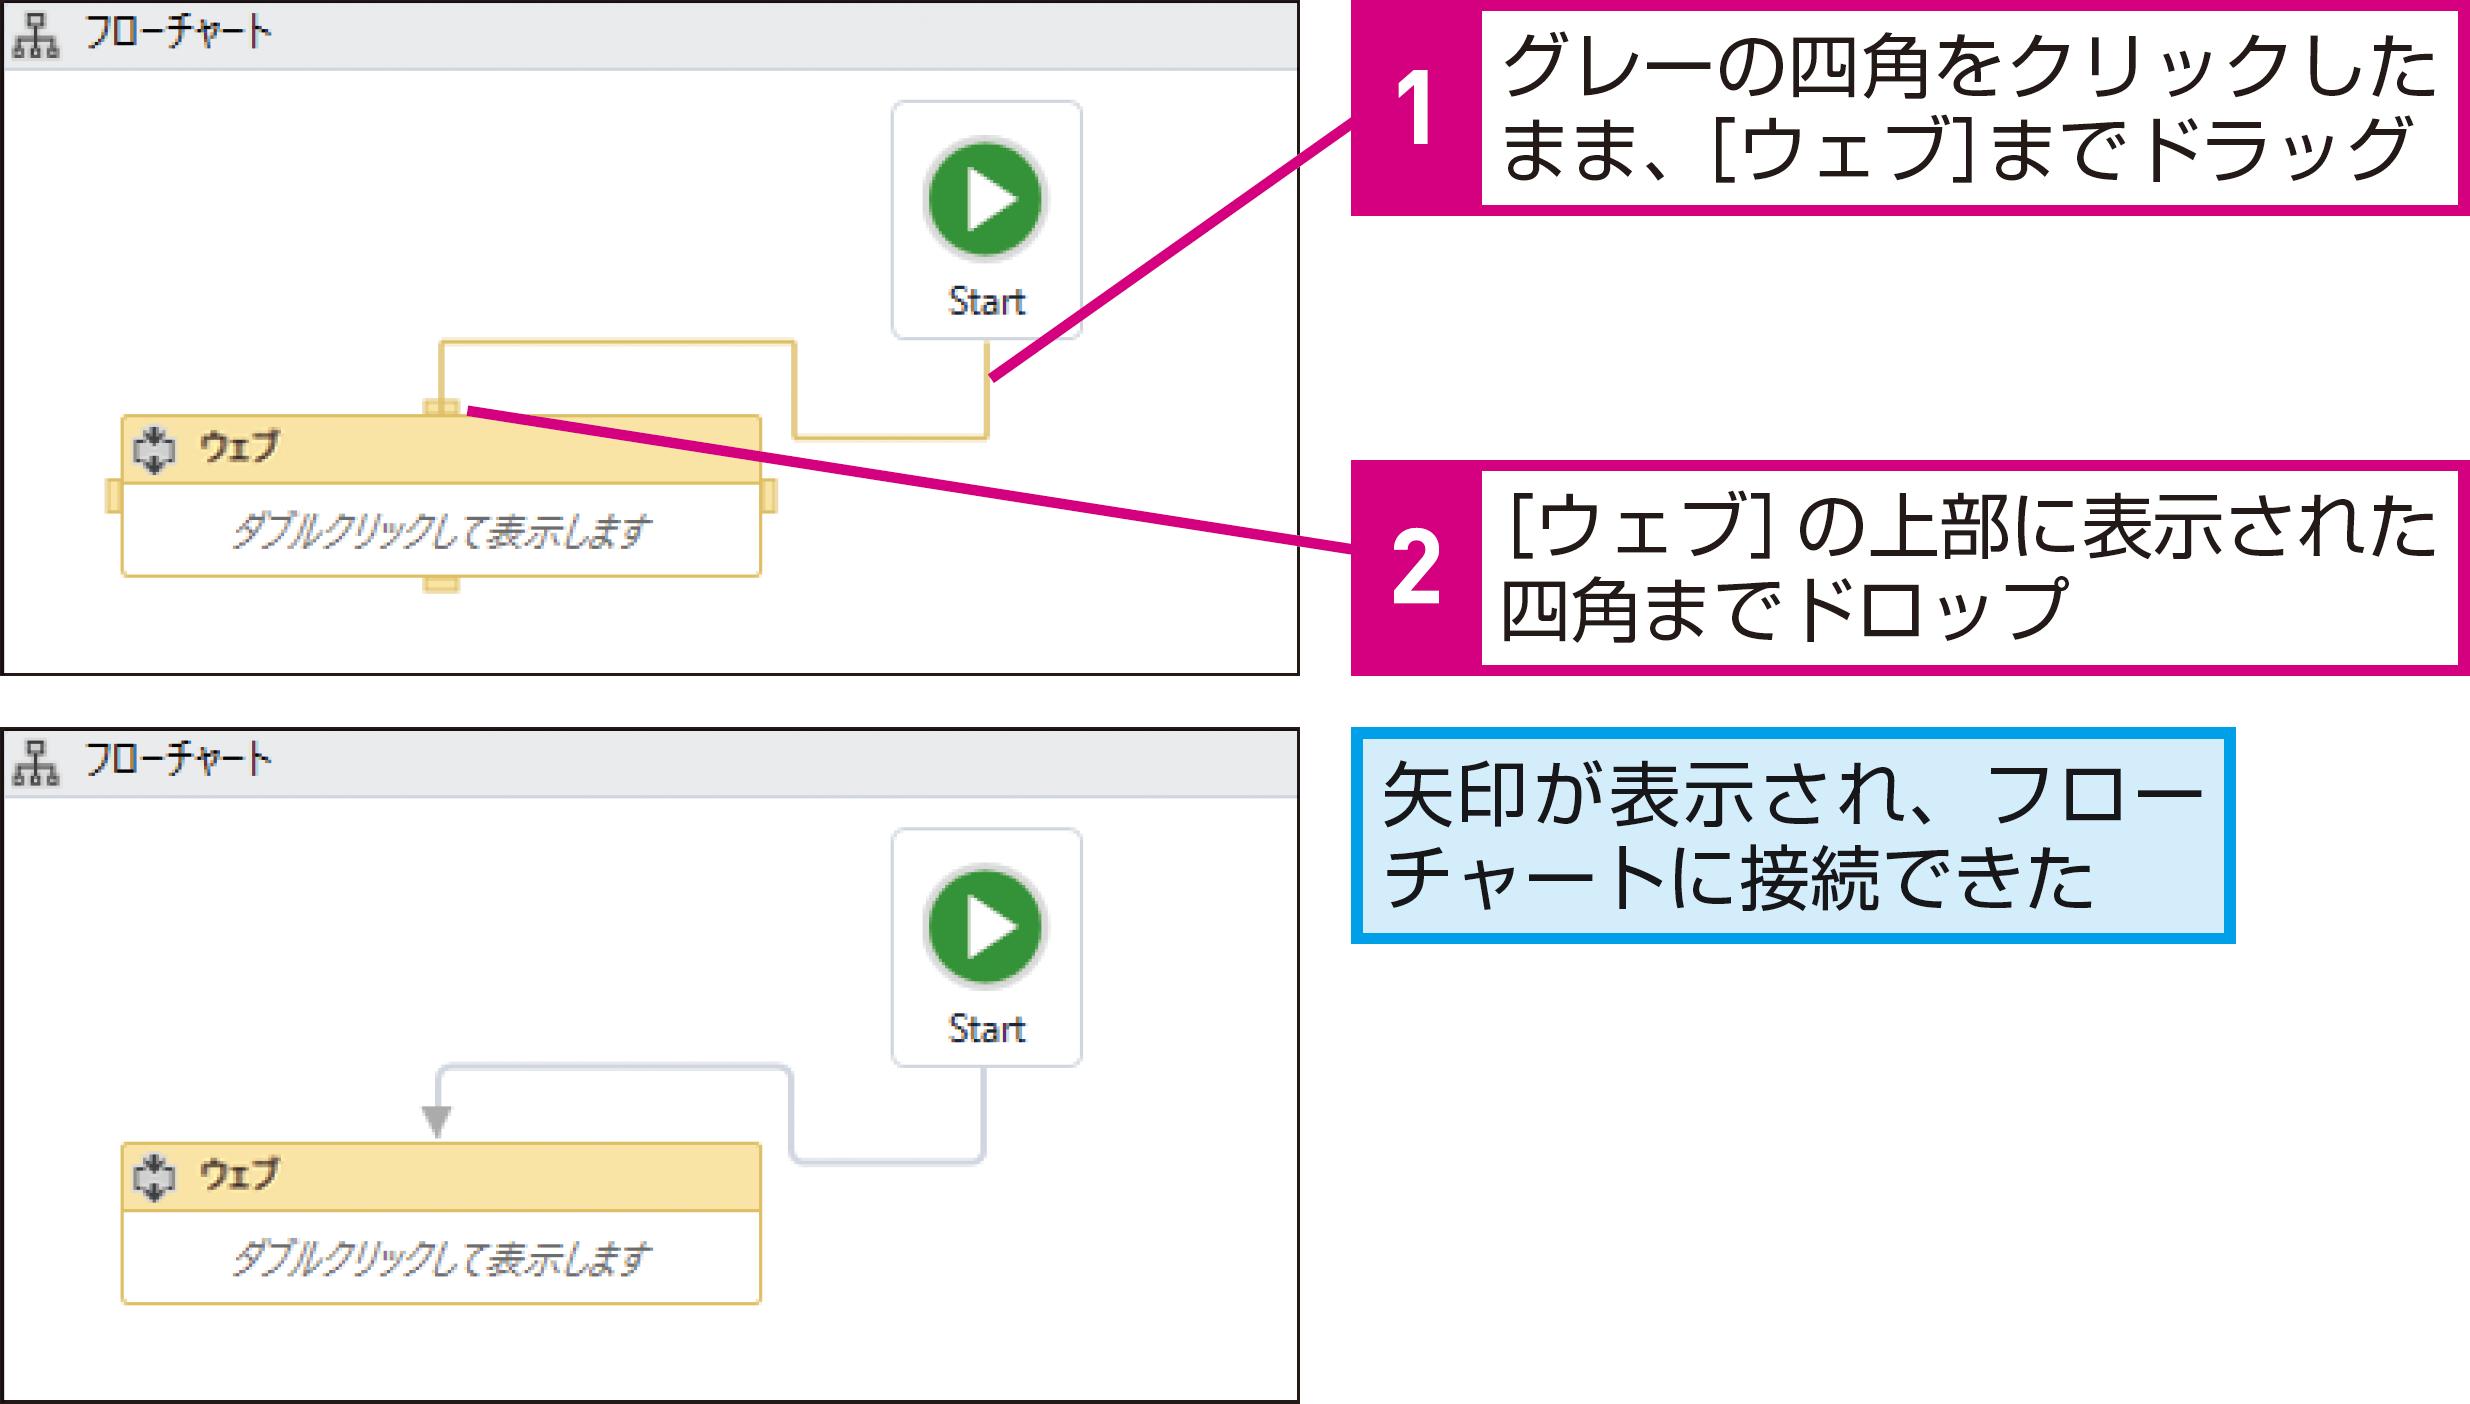 レコーディングした操作を実行するには(プロジェクトの実行) - できるUiPath